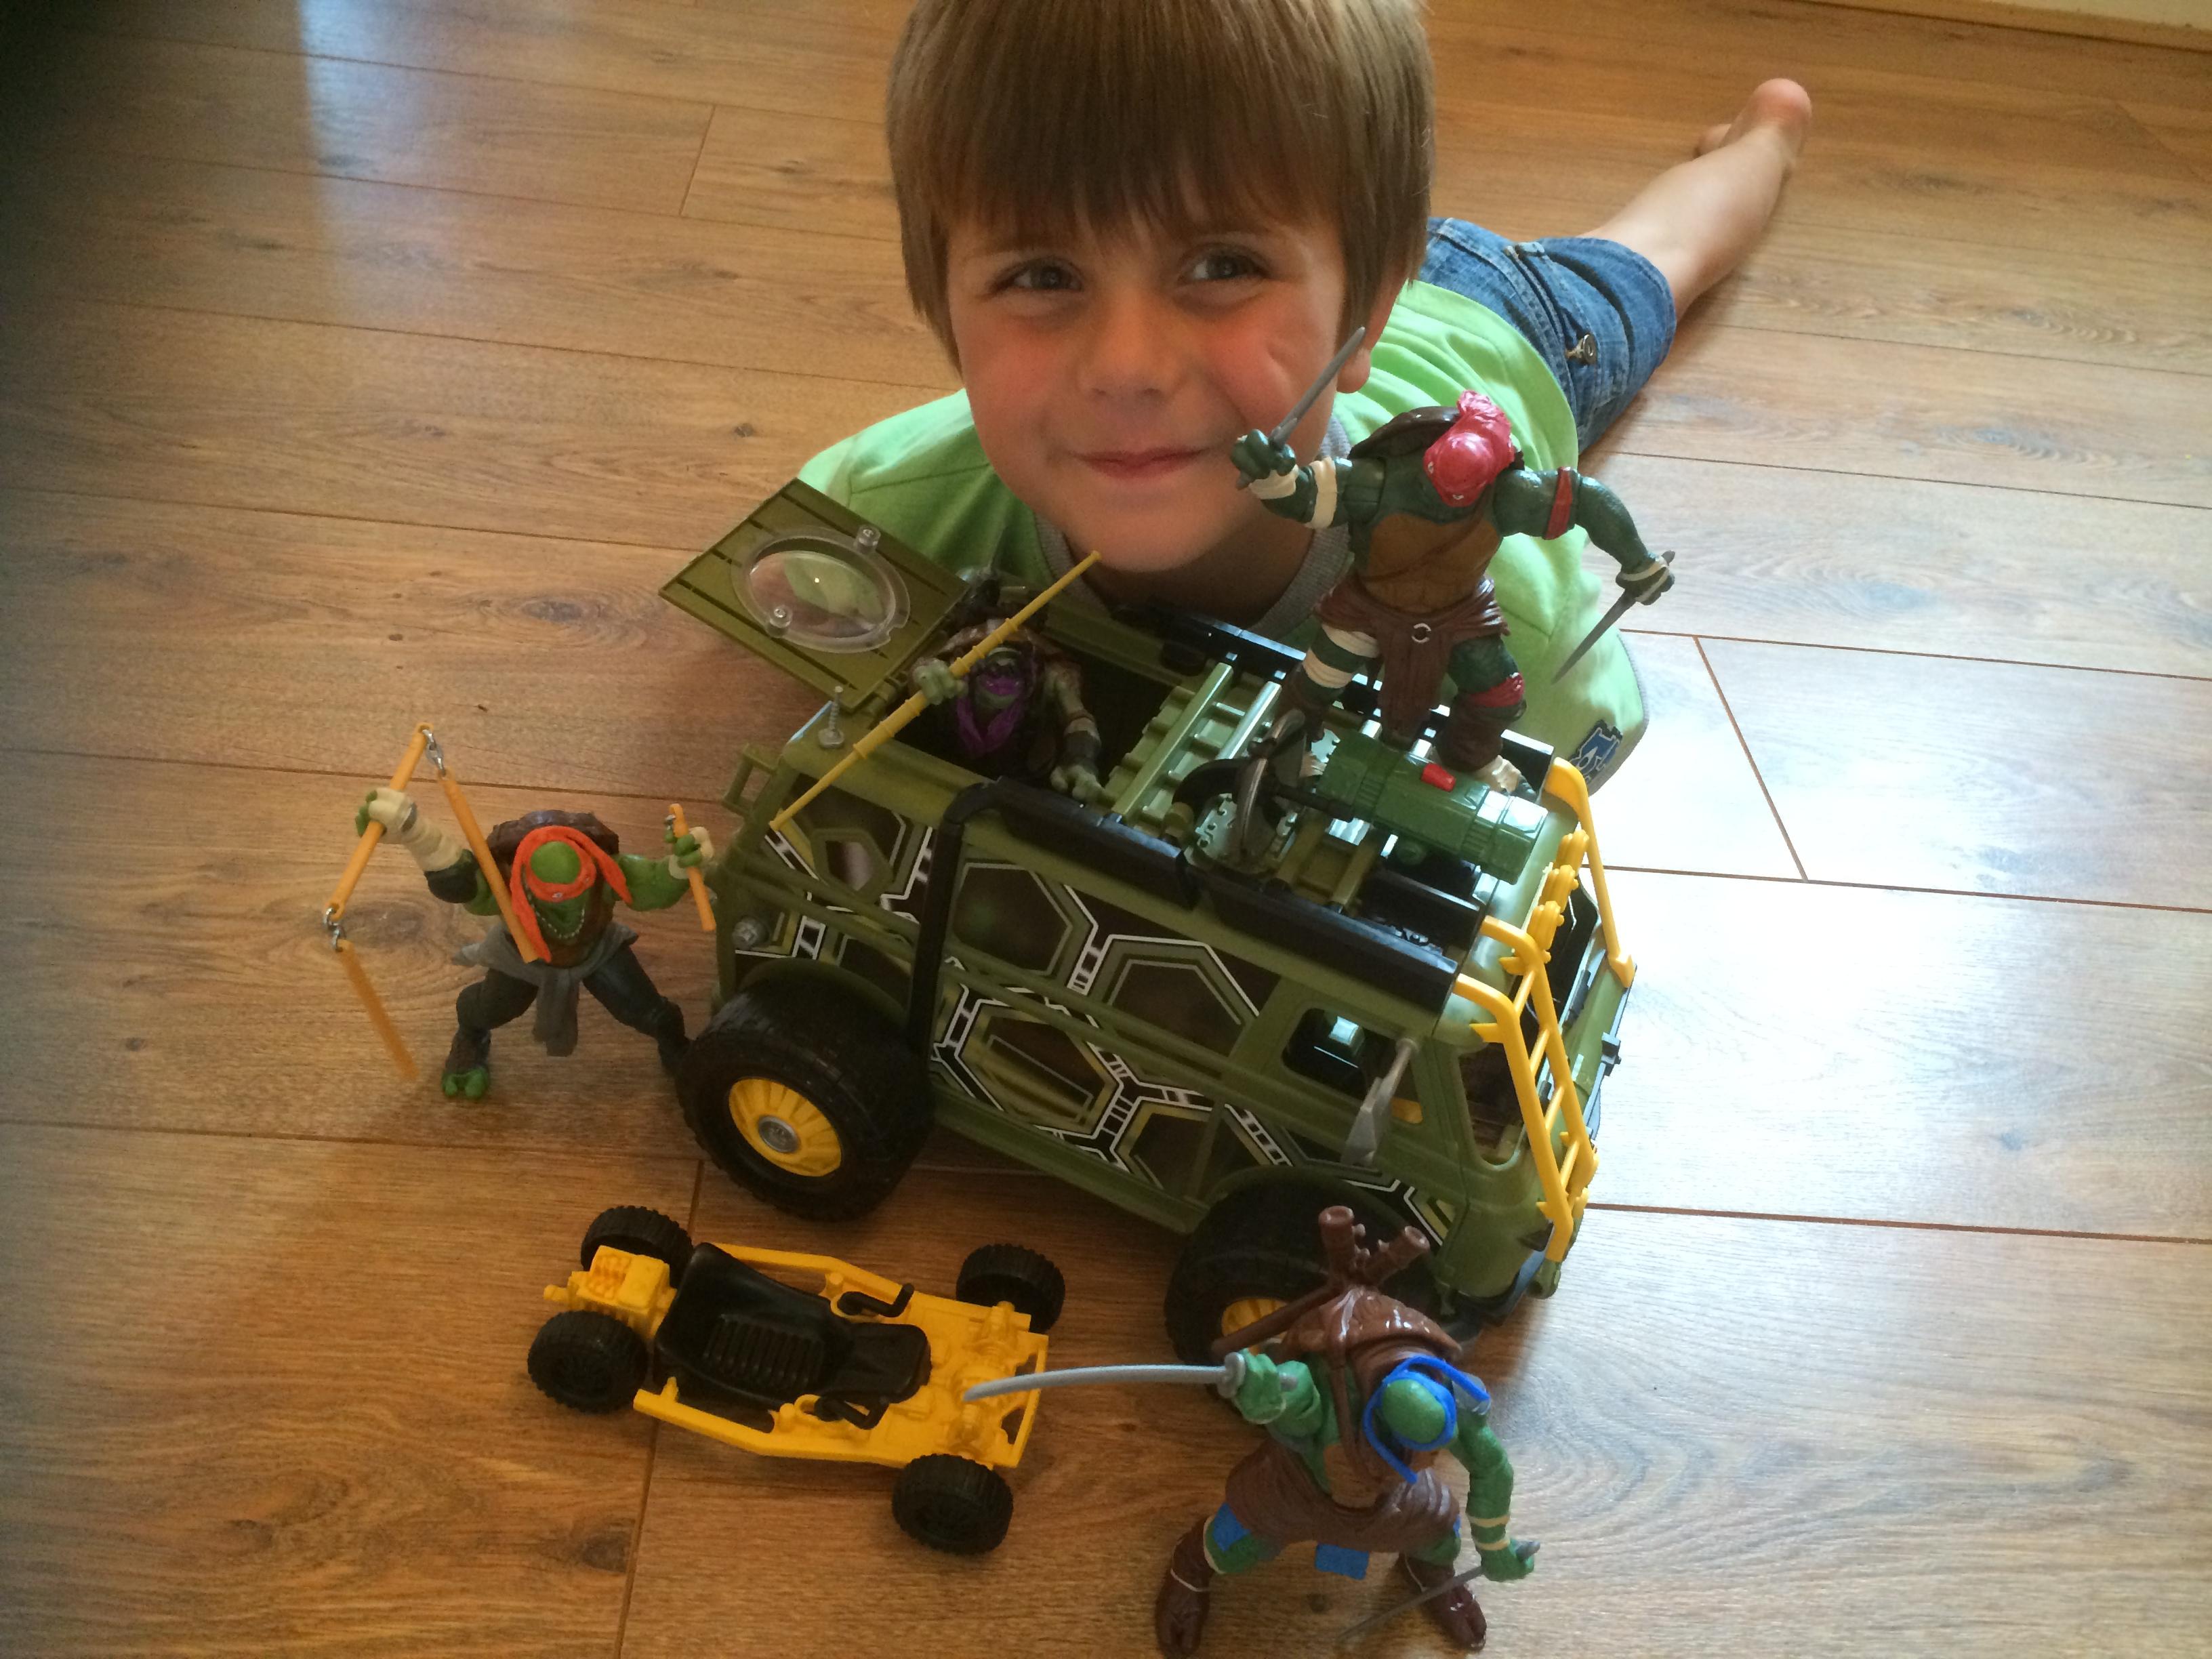 Ninja Turtle New Movie Toys : Ninja turtles the movie figures and vehicles